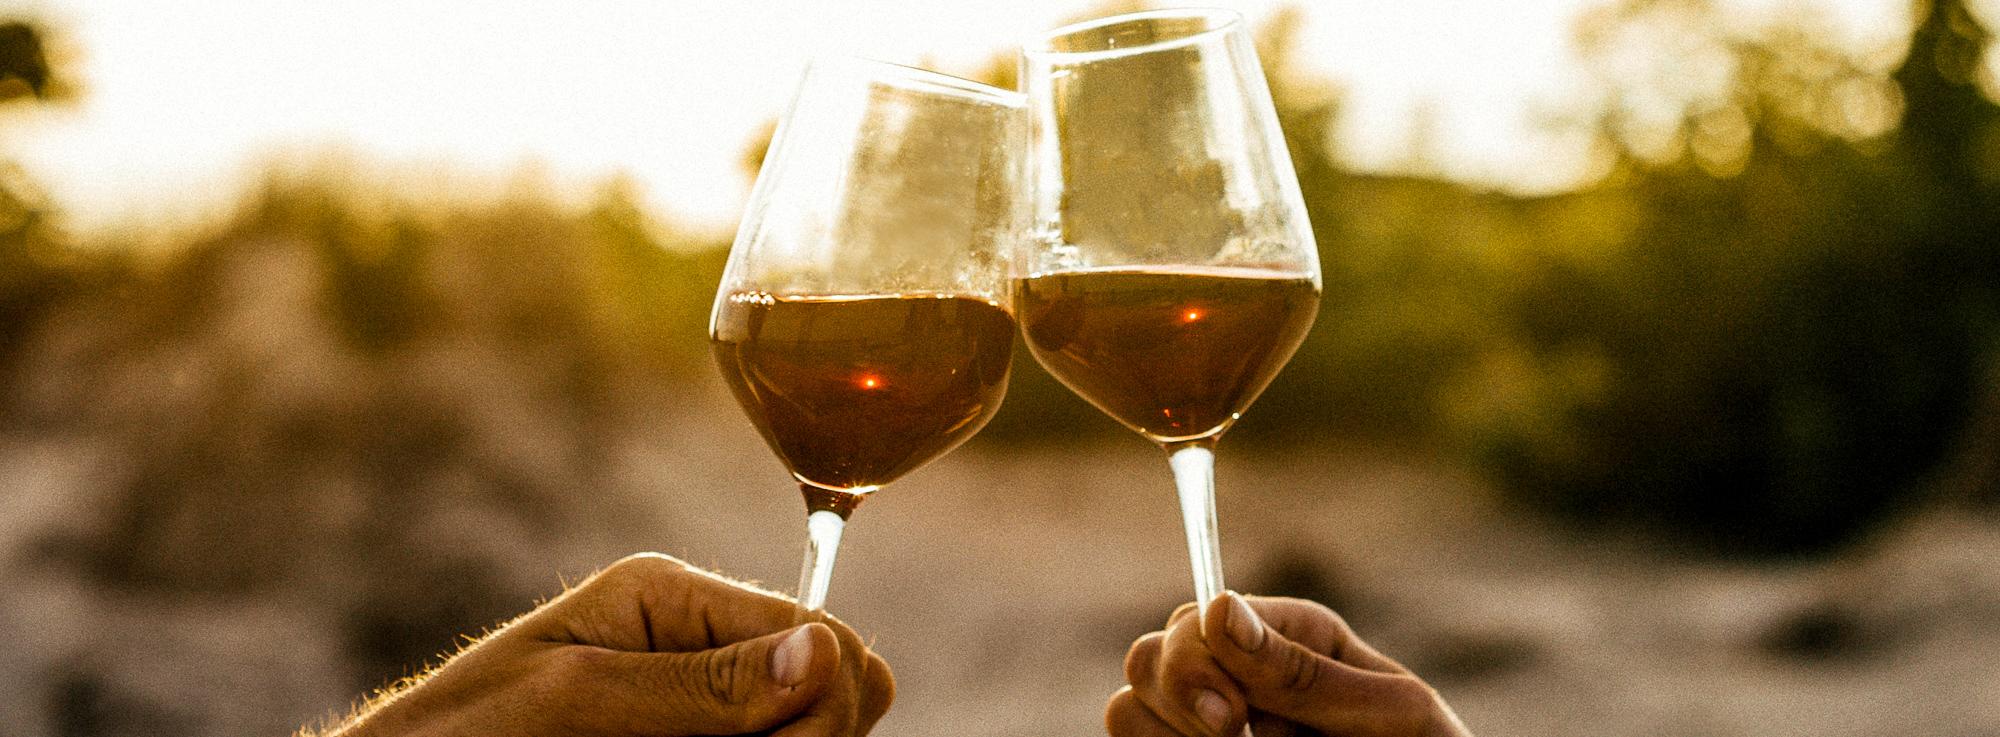 Les foires aux vins 2019, c'est maintenant !